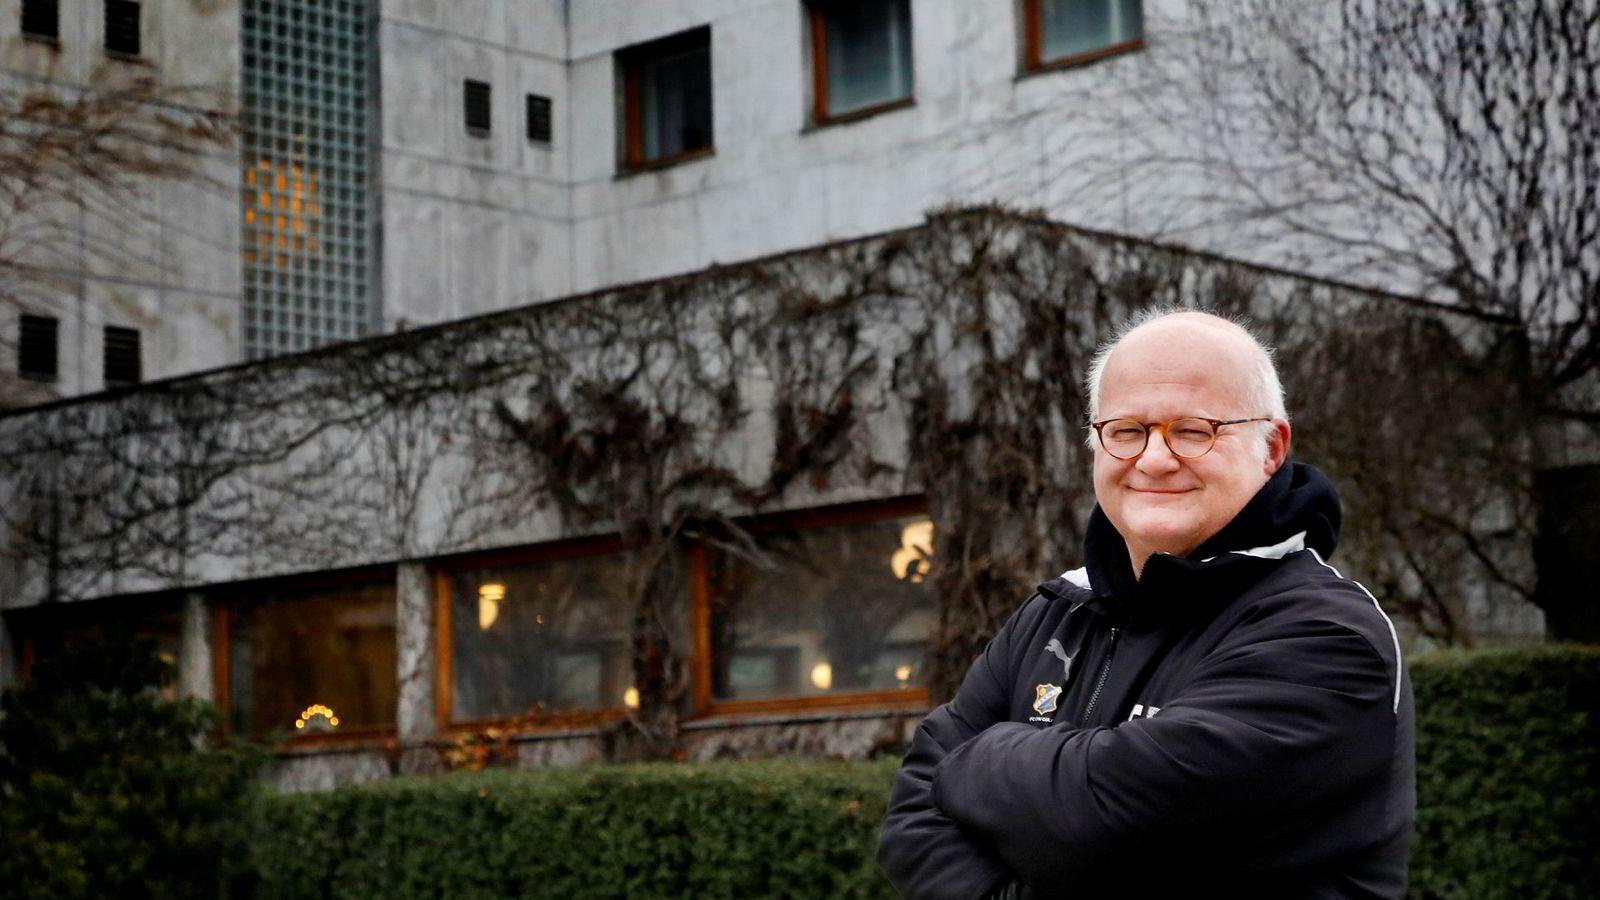 Finn Bjelke havnet i strid med NRK etter og ha tatt med seg navnet «Popquiz» til Radio Vinyl. Journalister bør tenke seg om før de presenterer saker om store som «truer» små, skriver artikkelforfatteren.